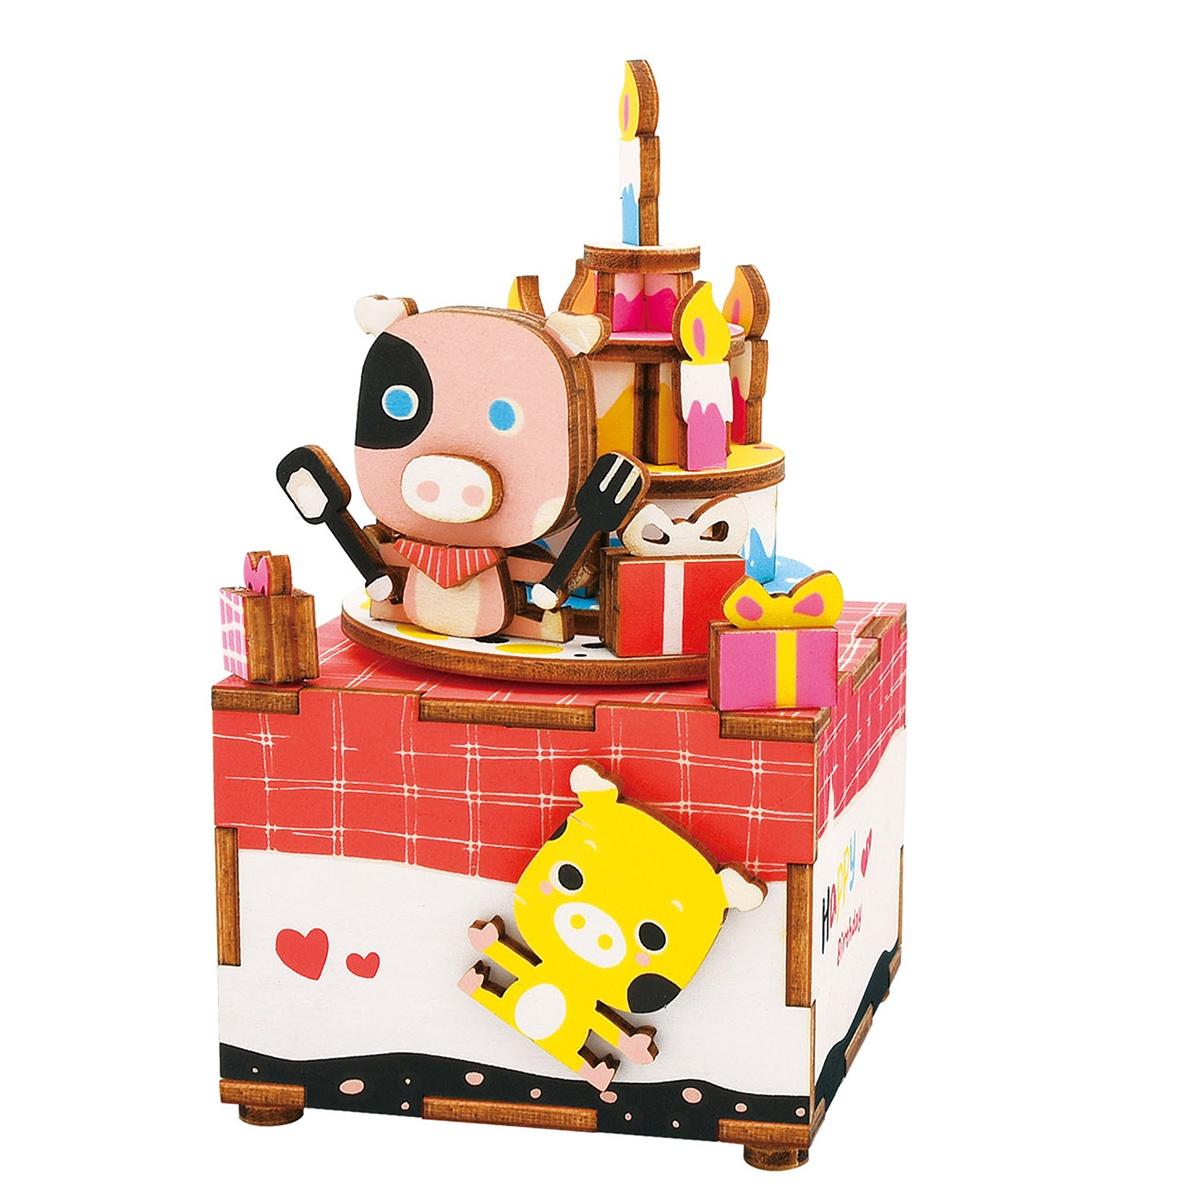 Деревянный конструктор Robotime Деревянный 3D конструктор - музыкальная шкатулка Happy birthday конструктор robotime любимая кофейня 203 элемента